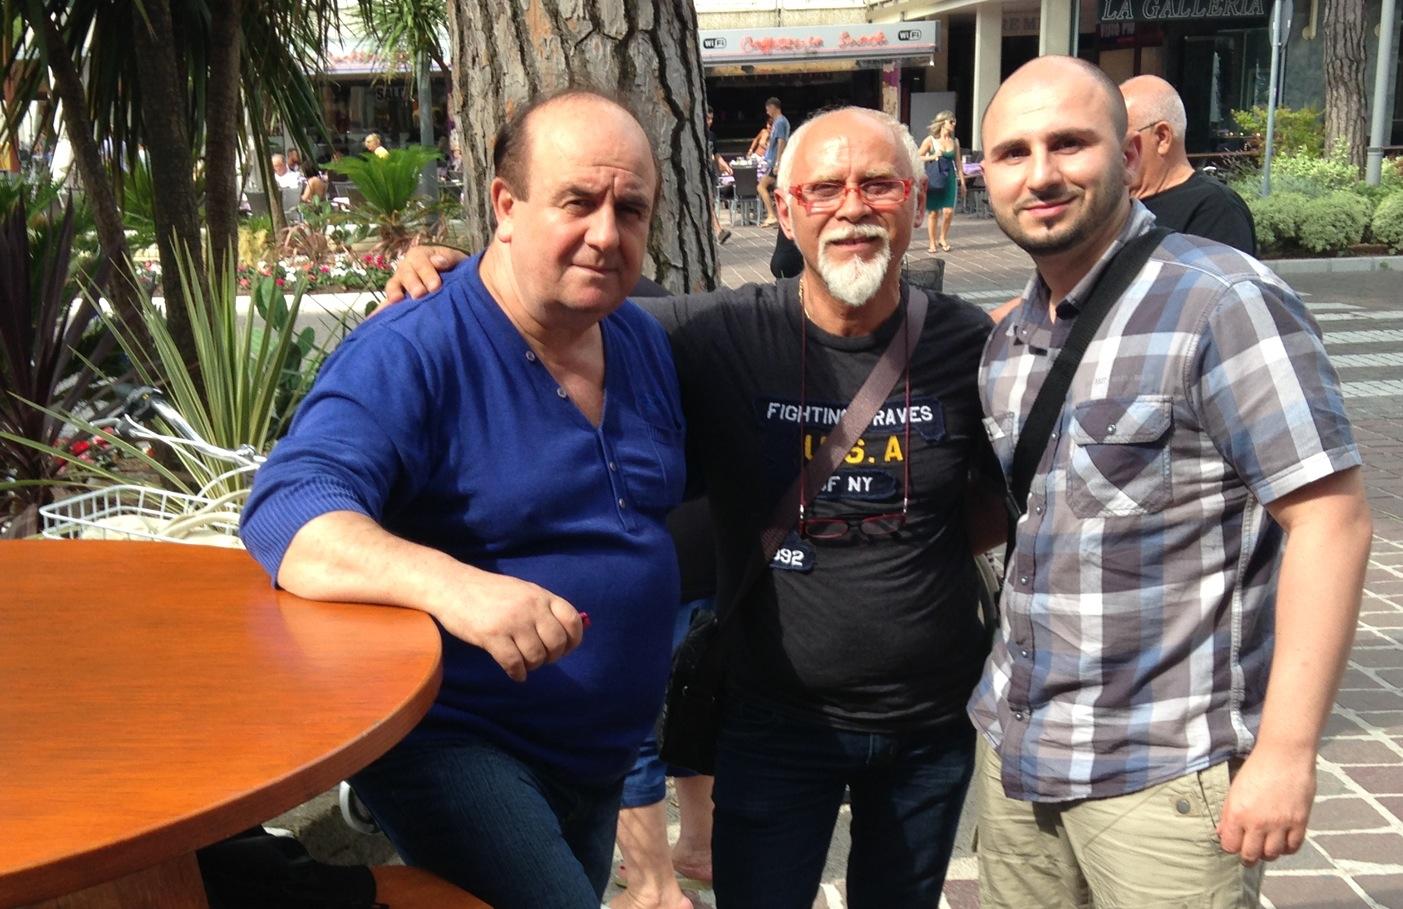 Salvatore, Zeo and Gino Perruccio